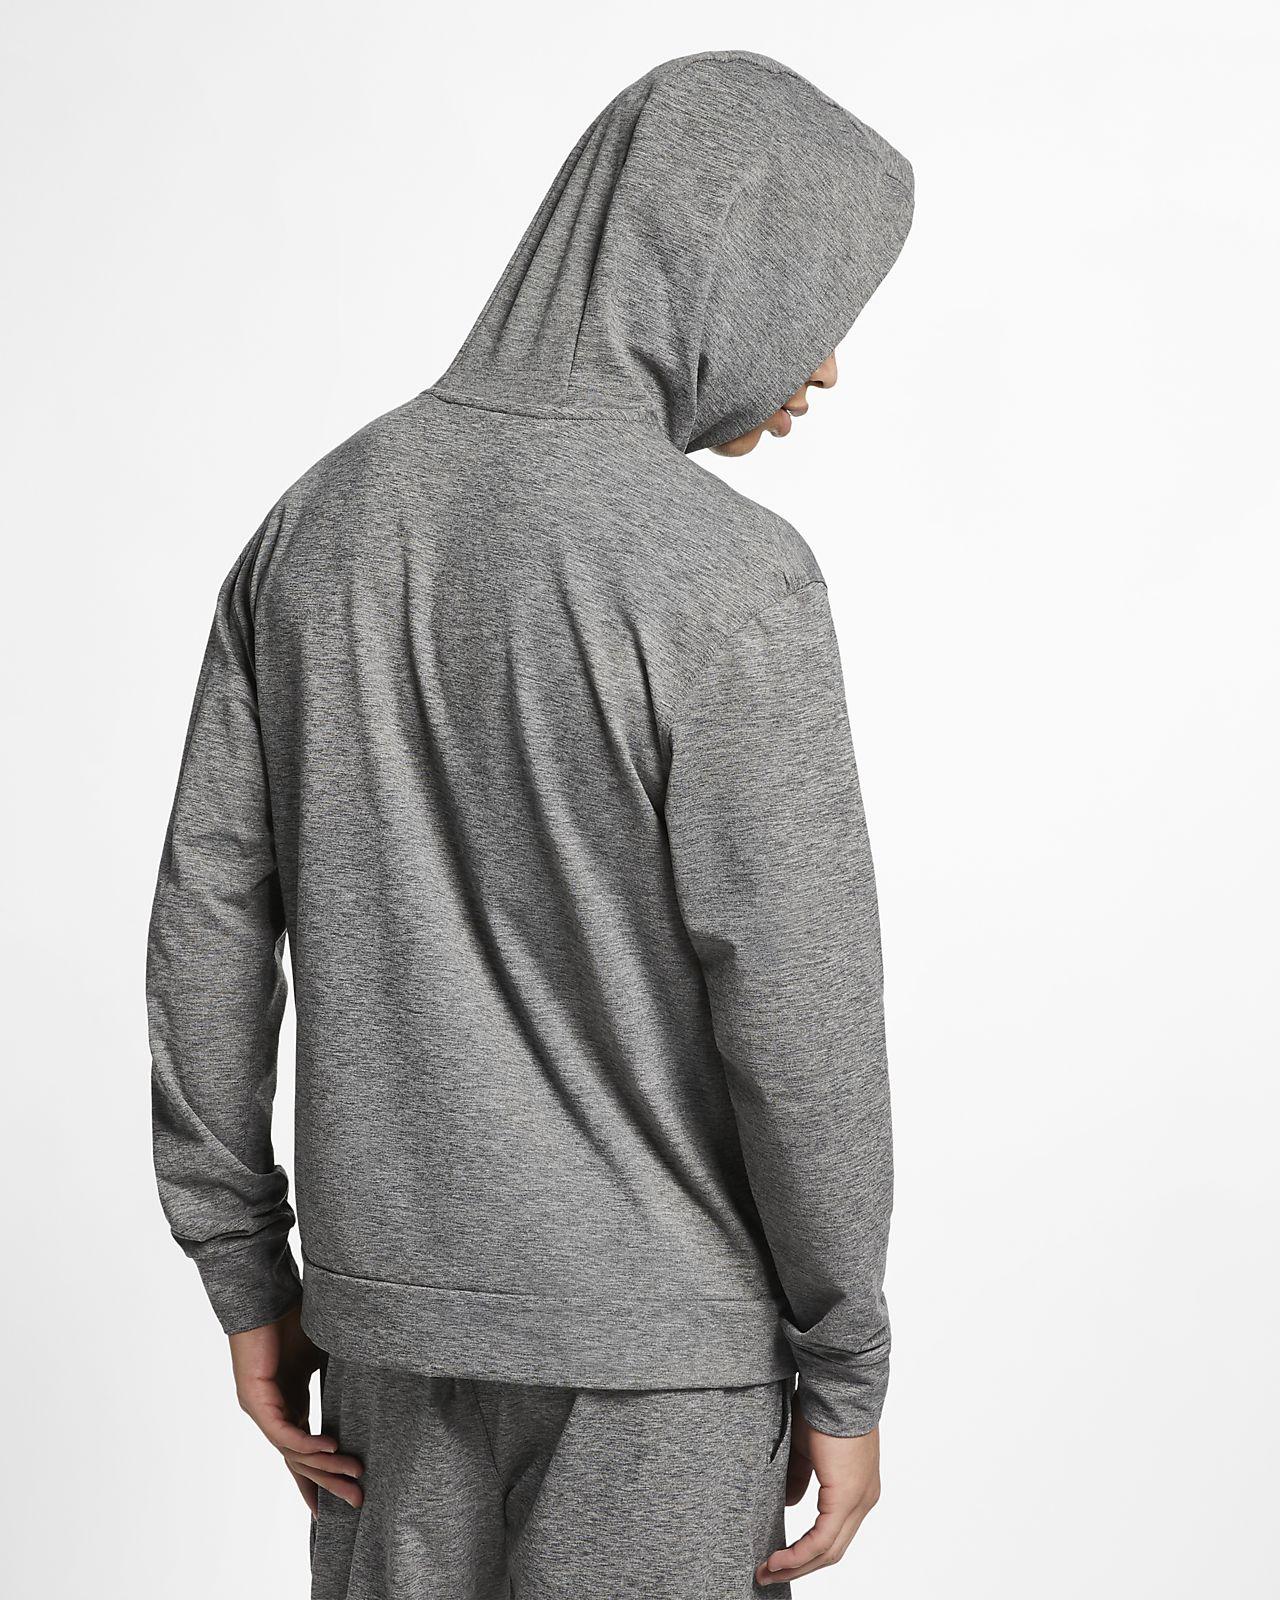 1dea0e190df ... Sudadera con capucha sin cierre de manga larga de entrenamiento de yoga  para hombre Nike Dri